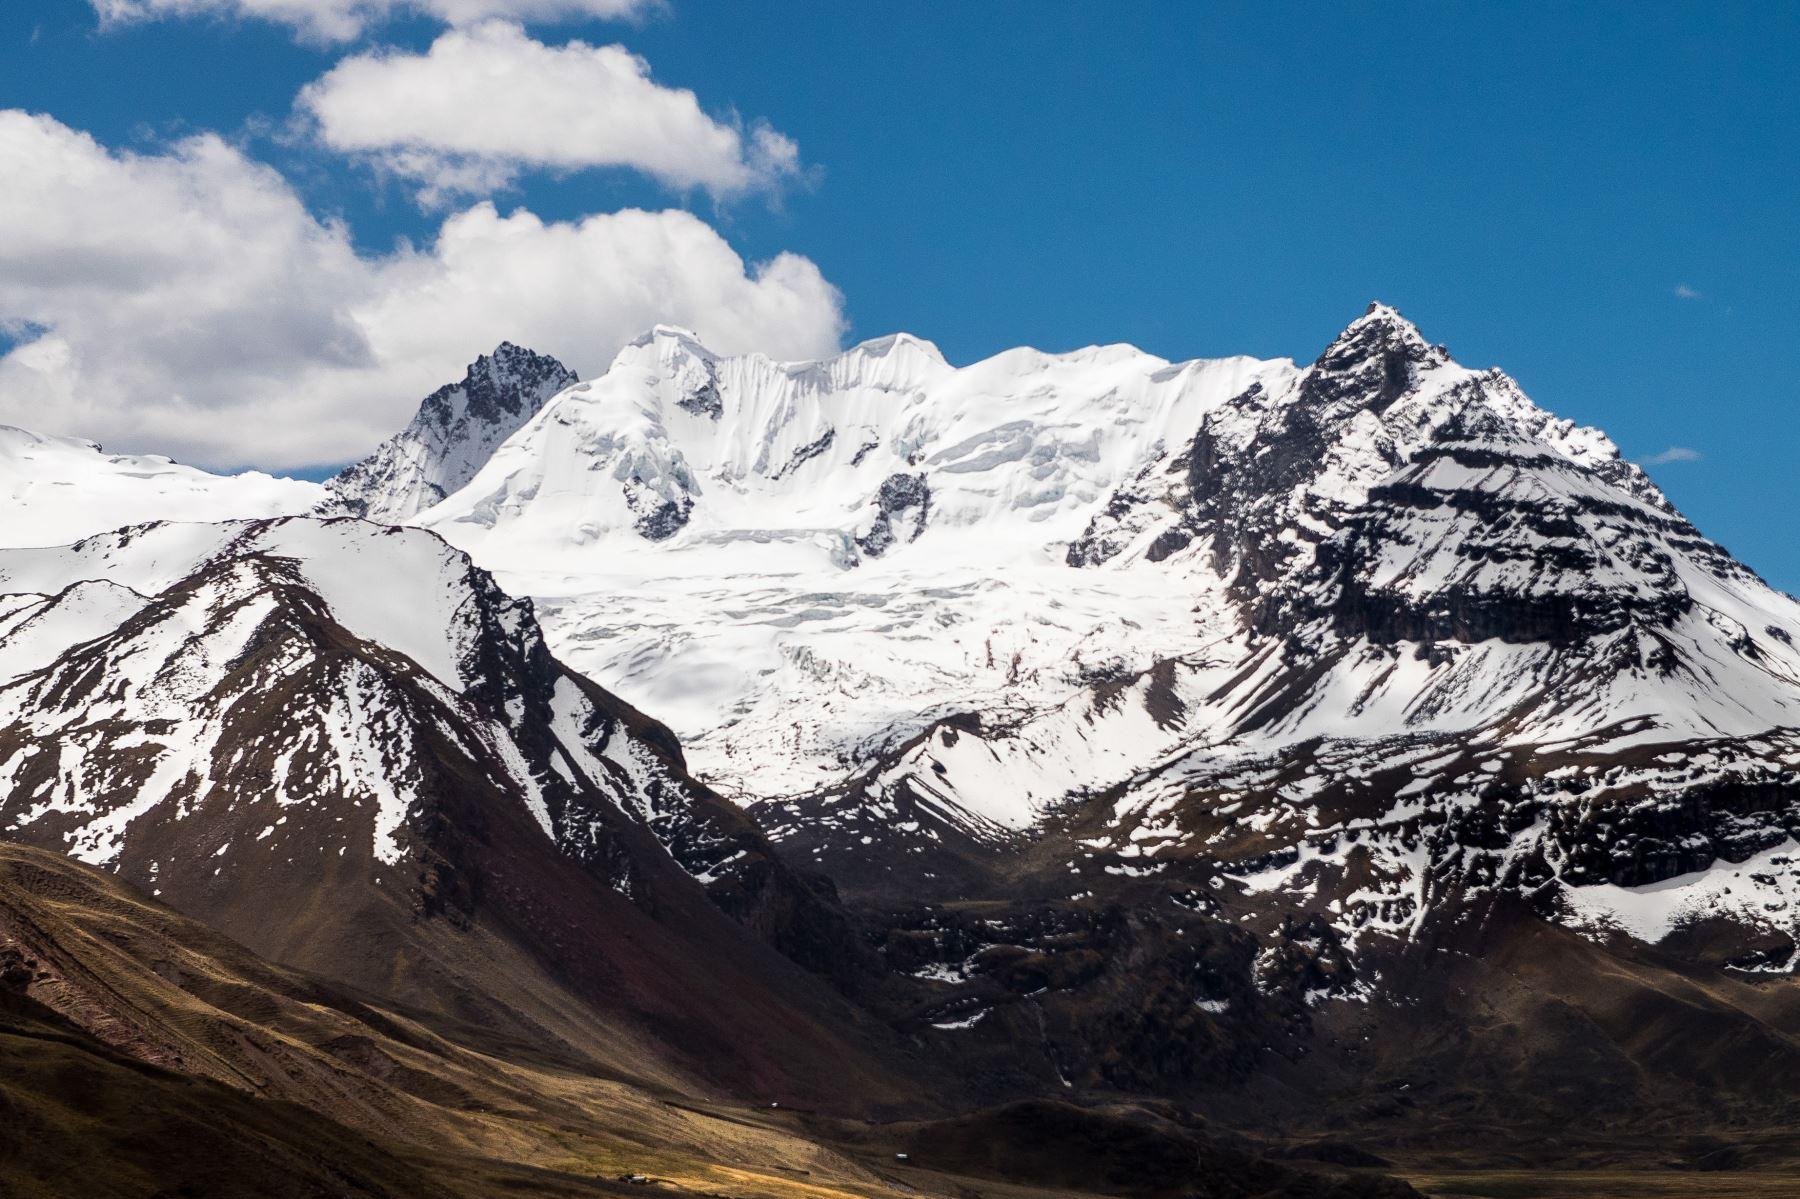 Nueva Área de Conservación Regional Ausangate, ubicada en Cusco ayudará a conservar glaciares, destacó el Sernanp. Fotos: Cortesía SPDA